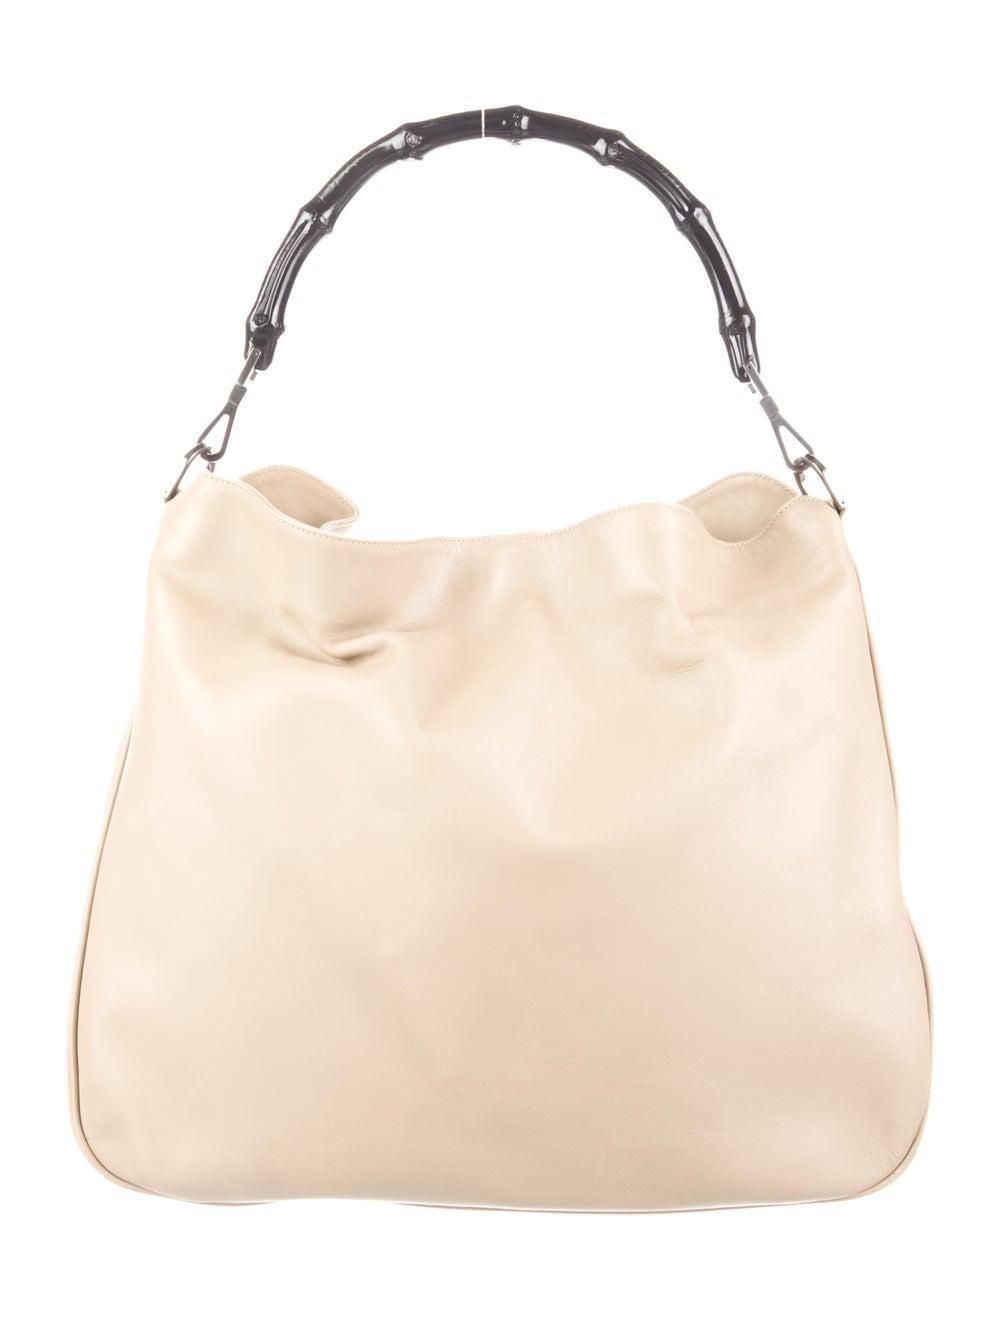 Gucci Medium Diana Bamboo Shoulder Bag Silver - image 1